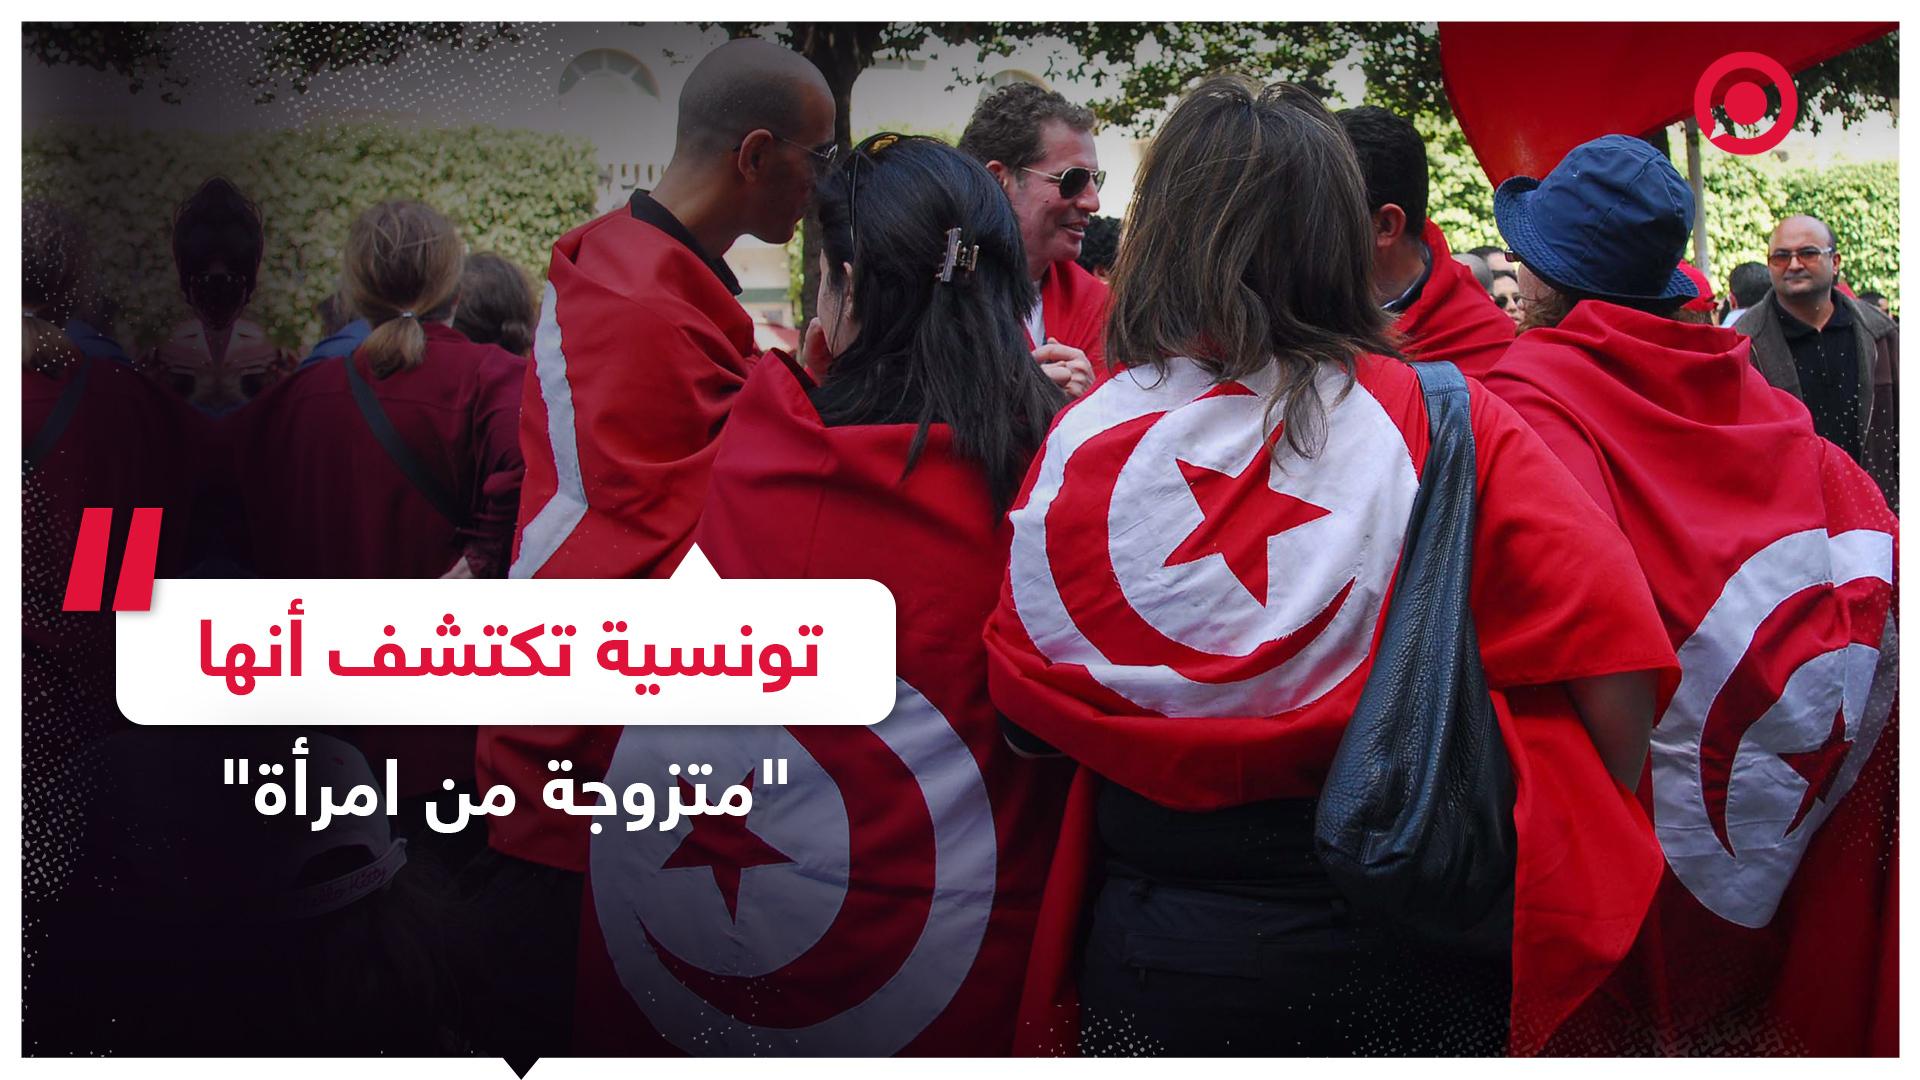 #تونس #شهادة_ميلاد